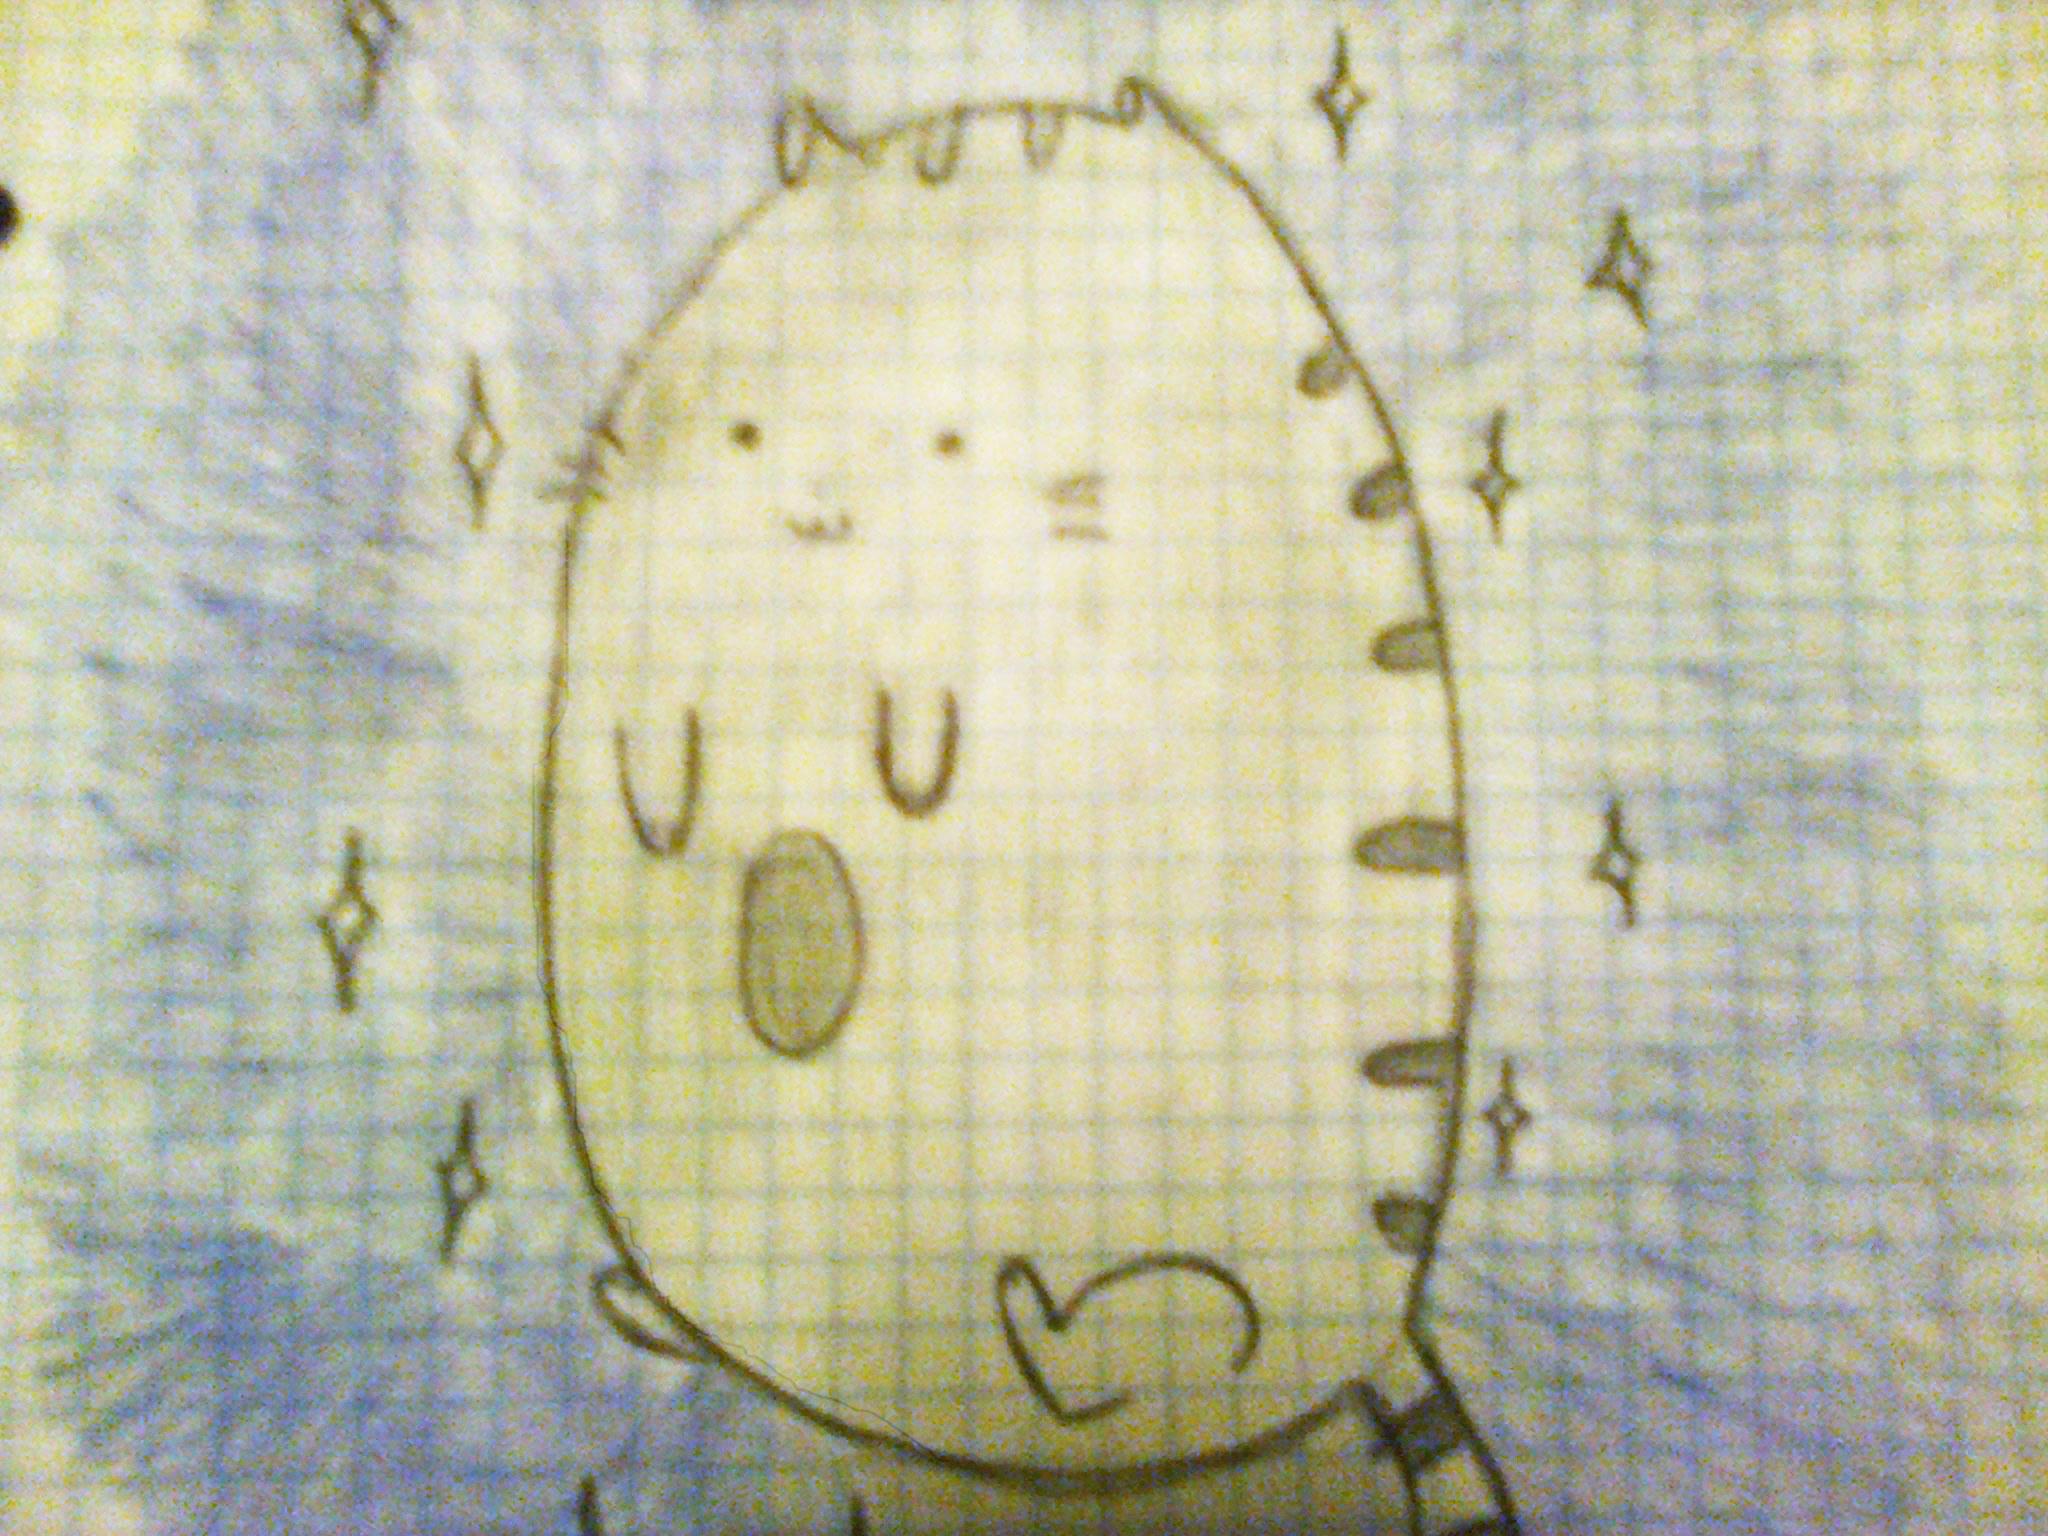 Kitten in space x3